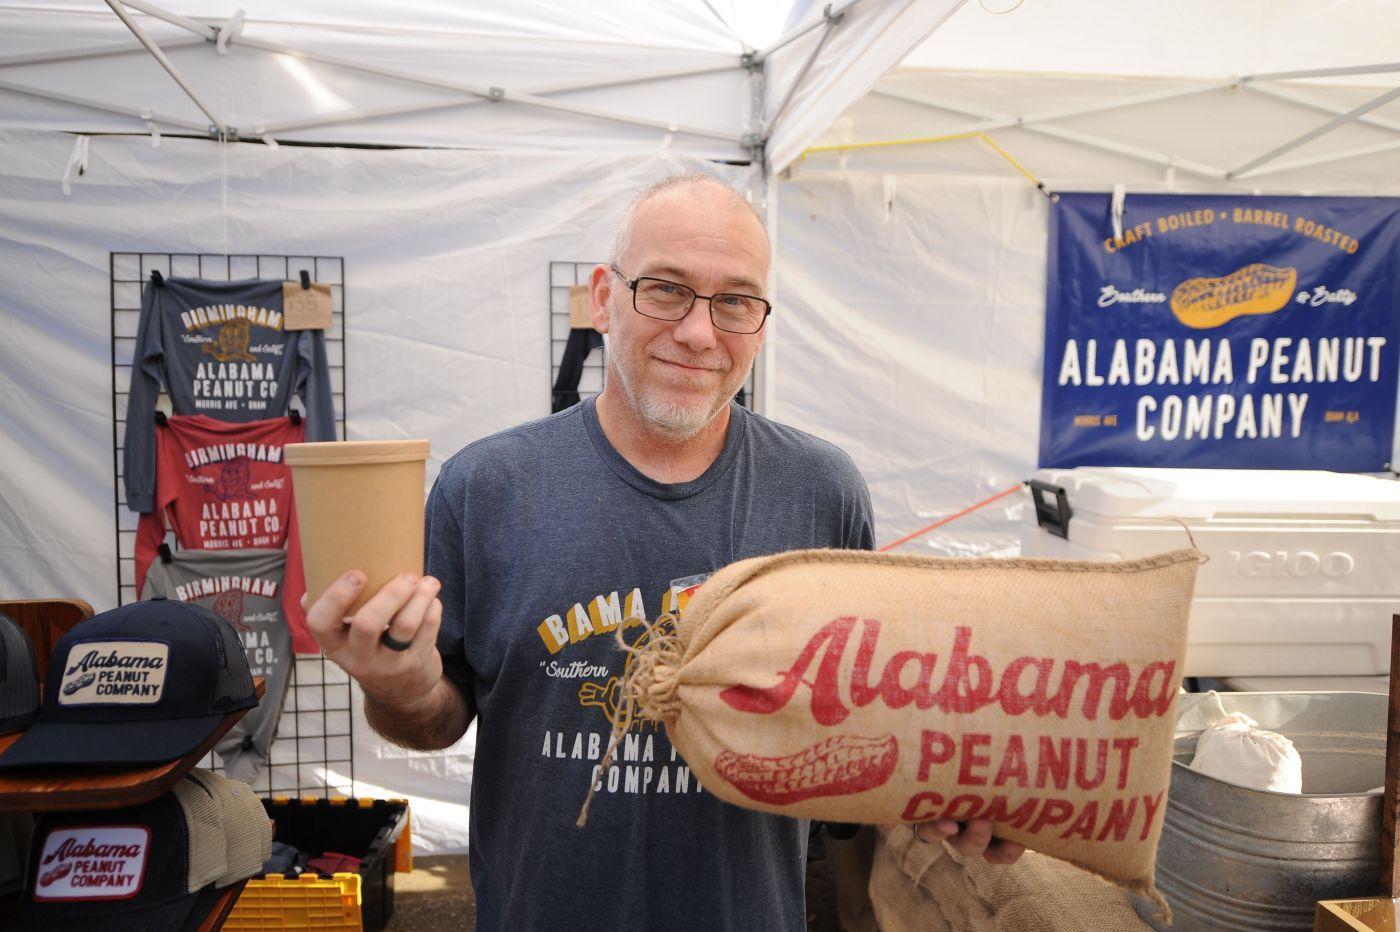 Alabama Peanut Company, a vendor featured at MOSS MAGIC 2020 festival